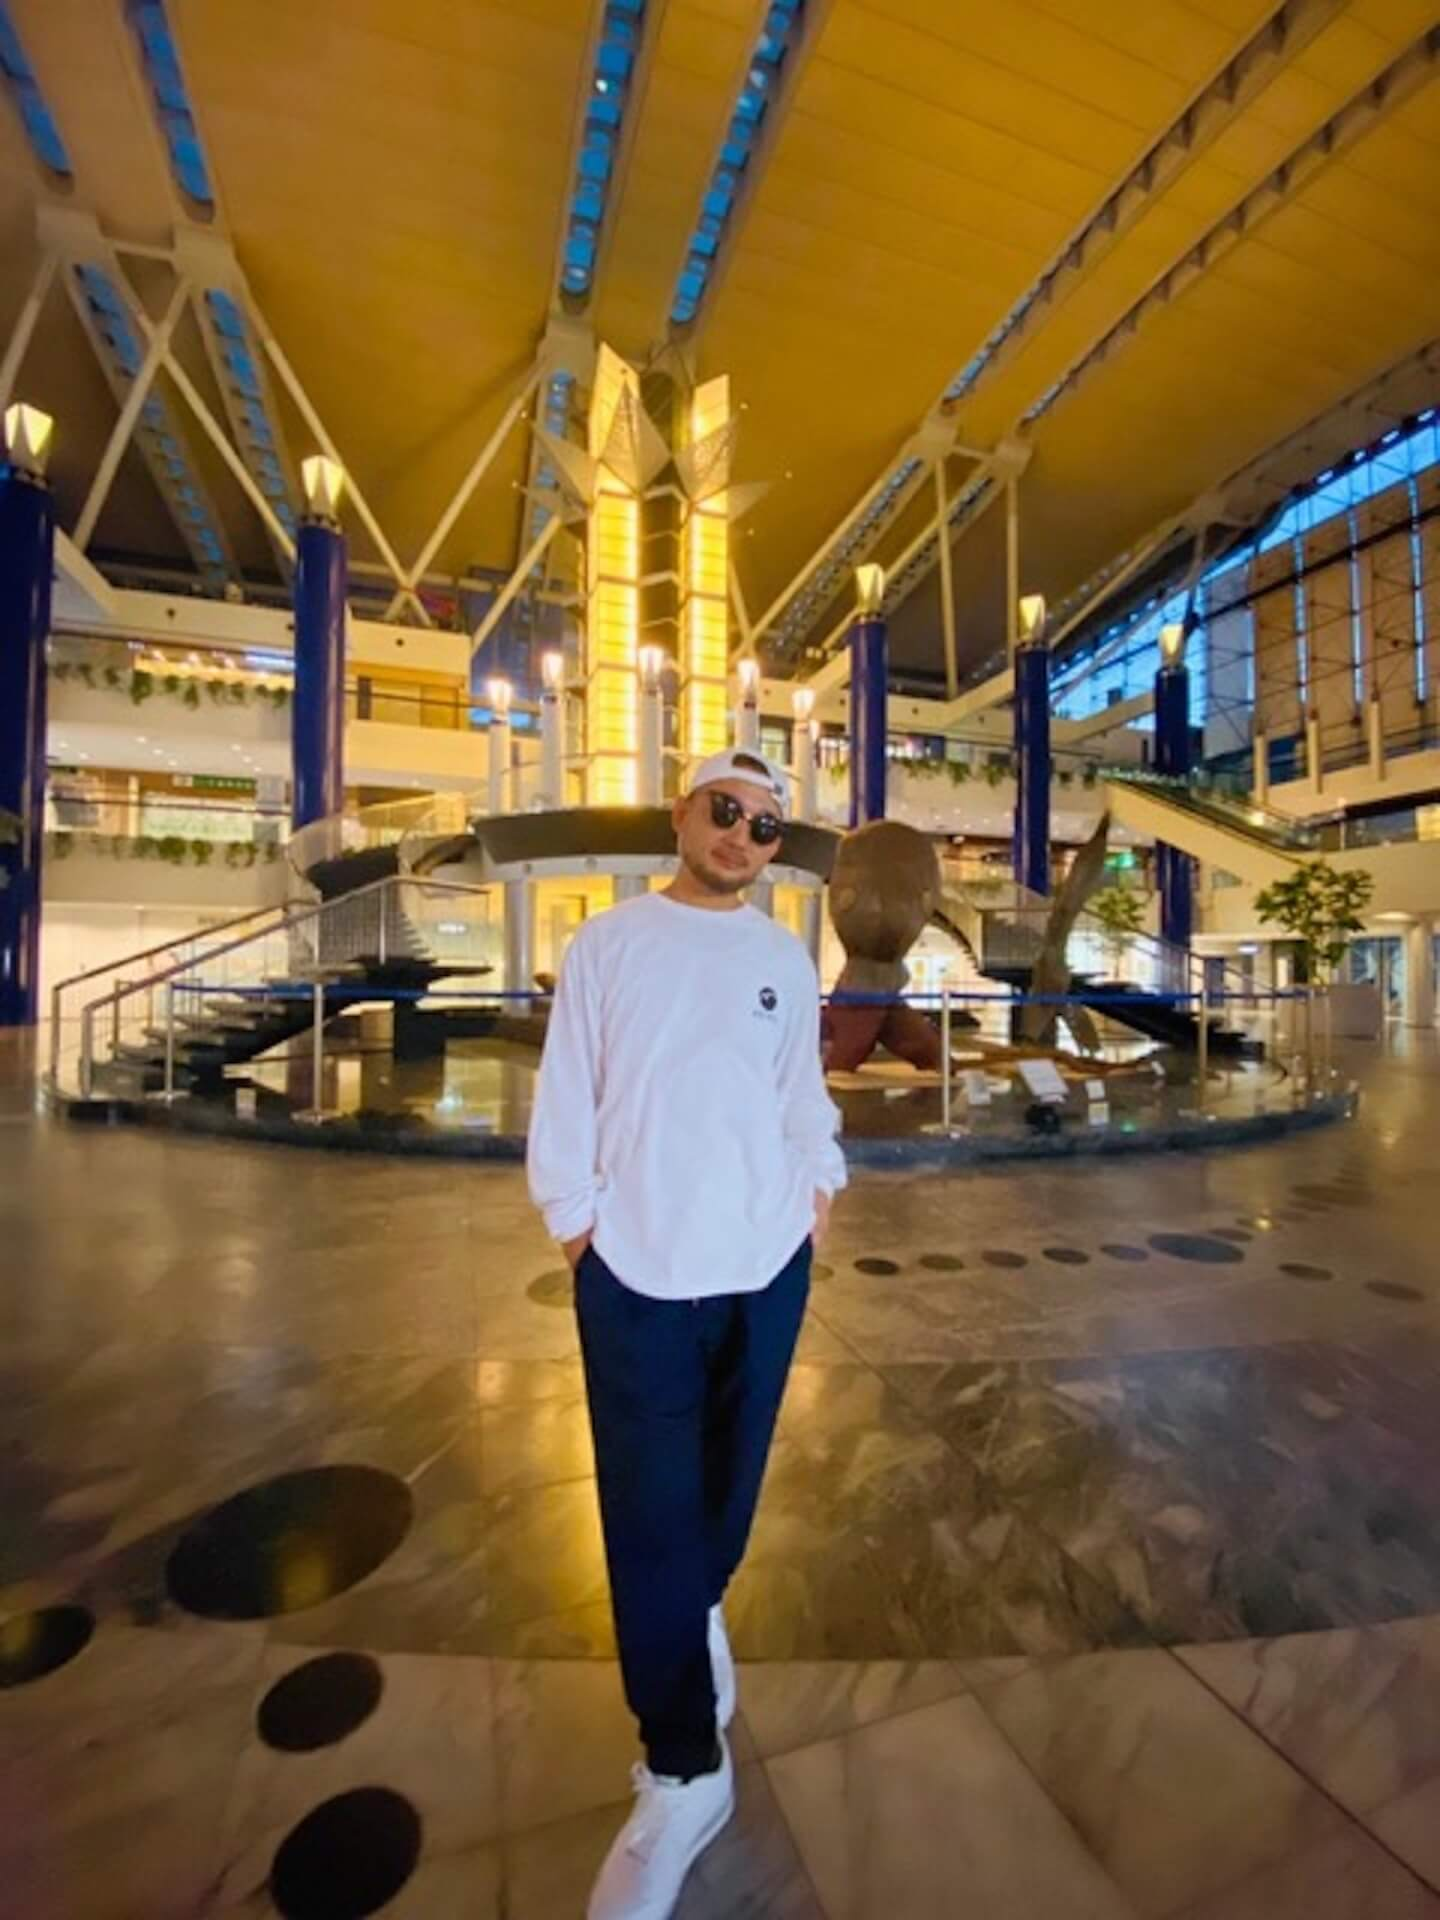 海外に行った気分になれるイベント<WE WANT NY - BERLIN>に石野卓球、Kotsu、SEKITOVA、SPINMASTER A-1らが出演決定! music201001_wewant_1